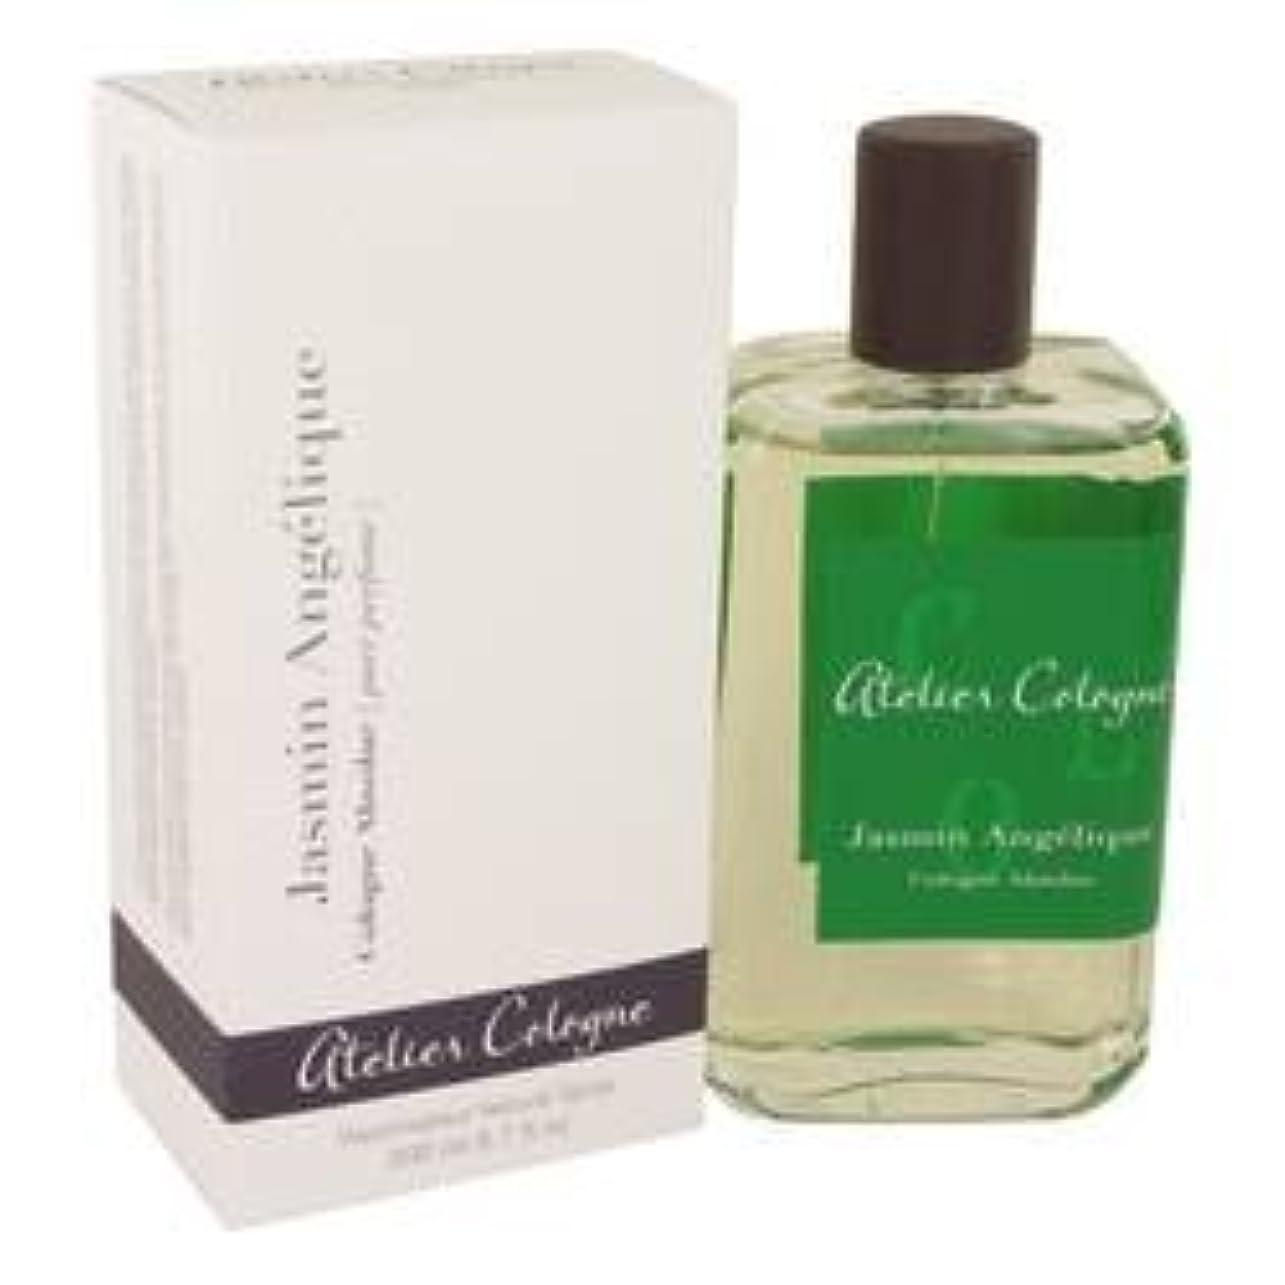 プール人気の成功したJasmin Angelique Pure Perfume Spray (Unisex) By Atelier Cologne